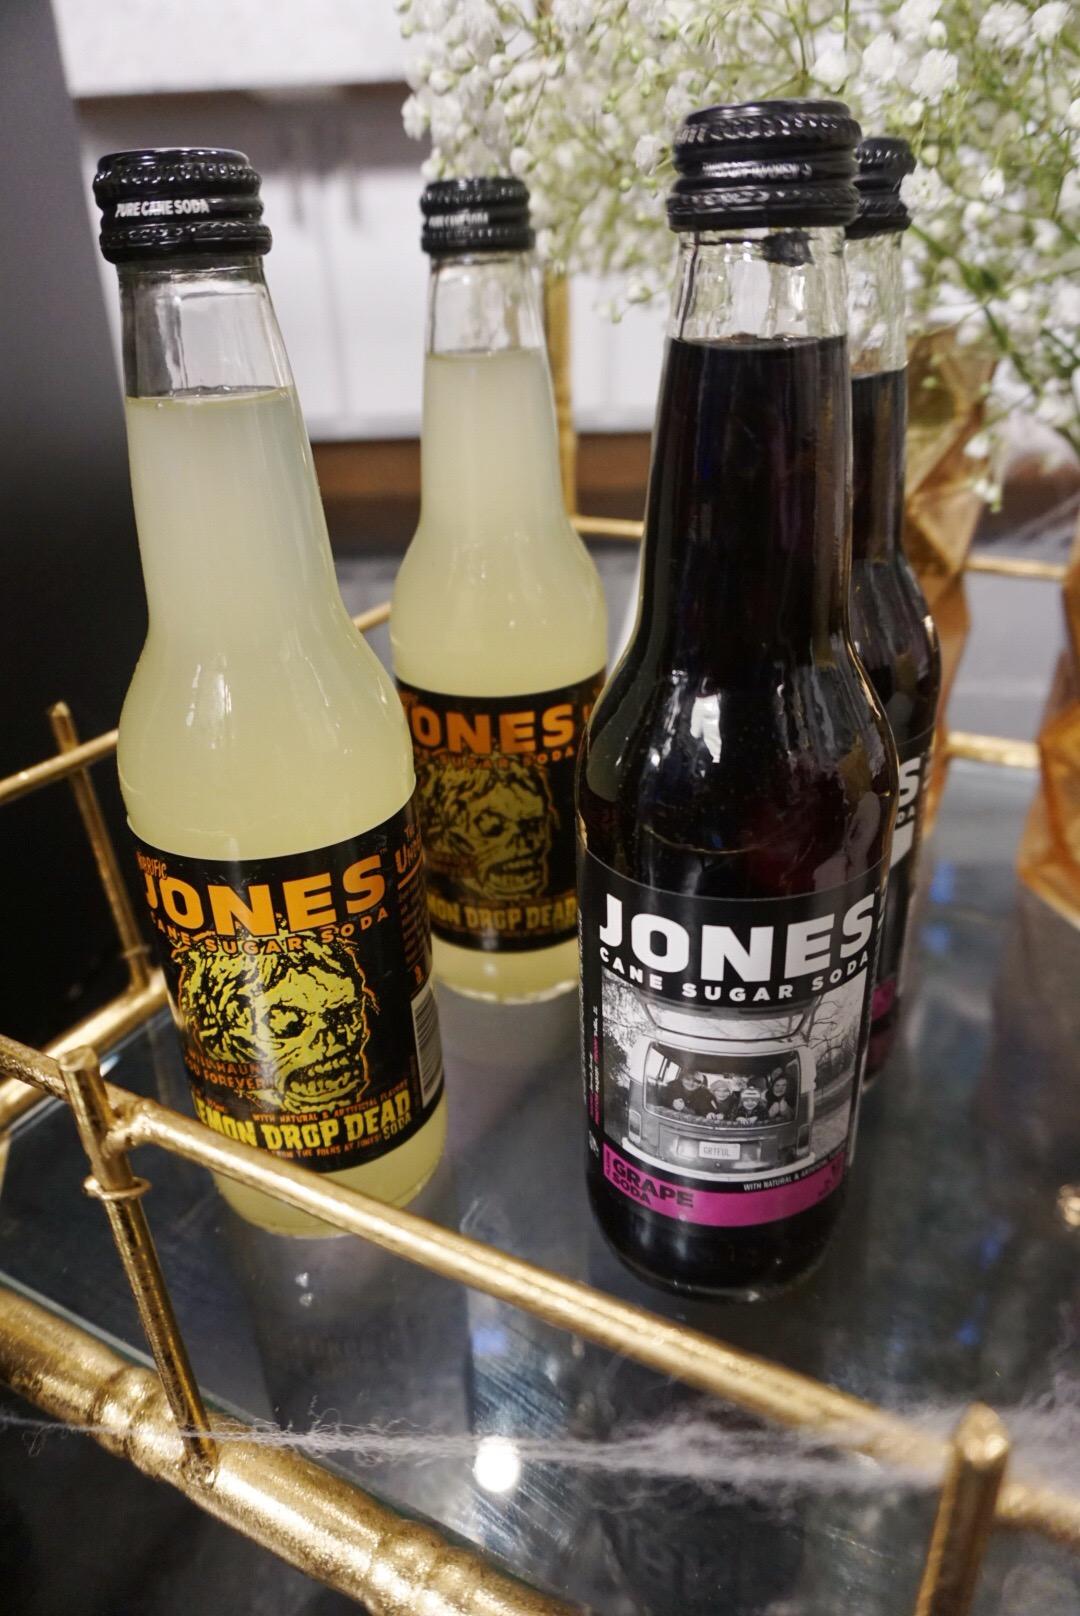 Jones Halloween Soda